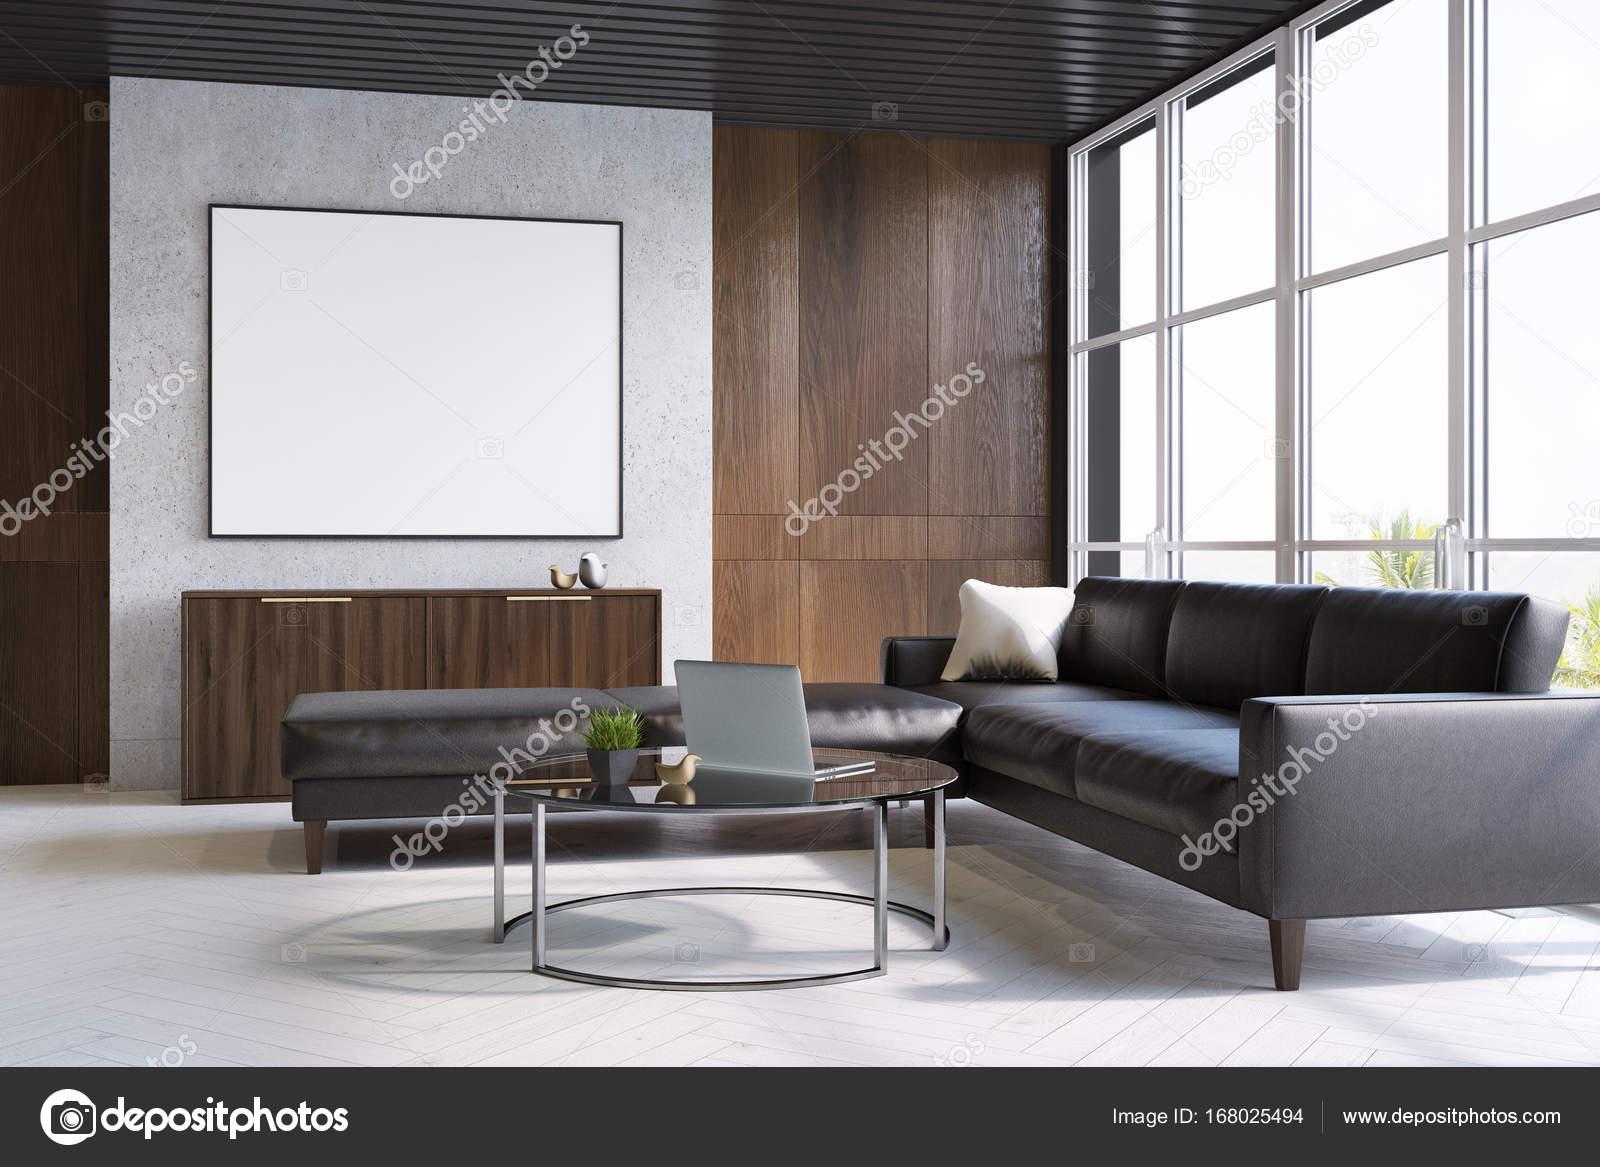 Gris y madera sala de estar, sofá y cartel — Fotos de Stock ...